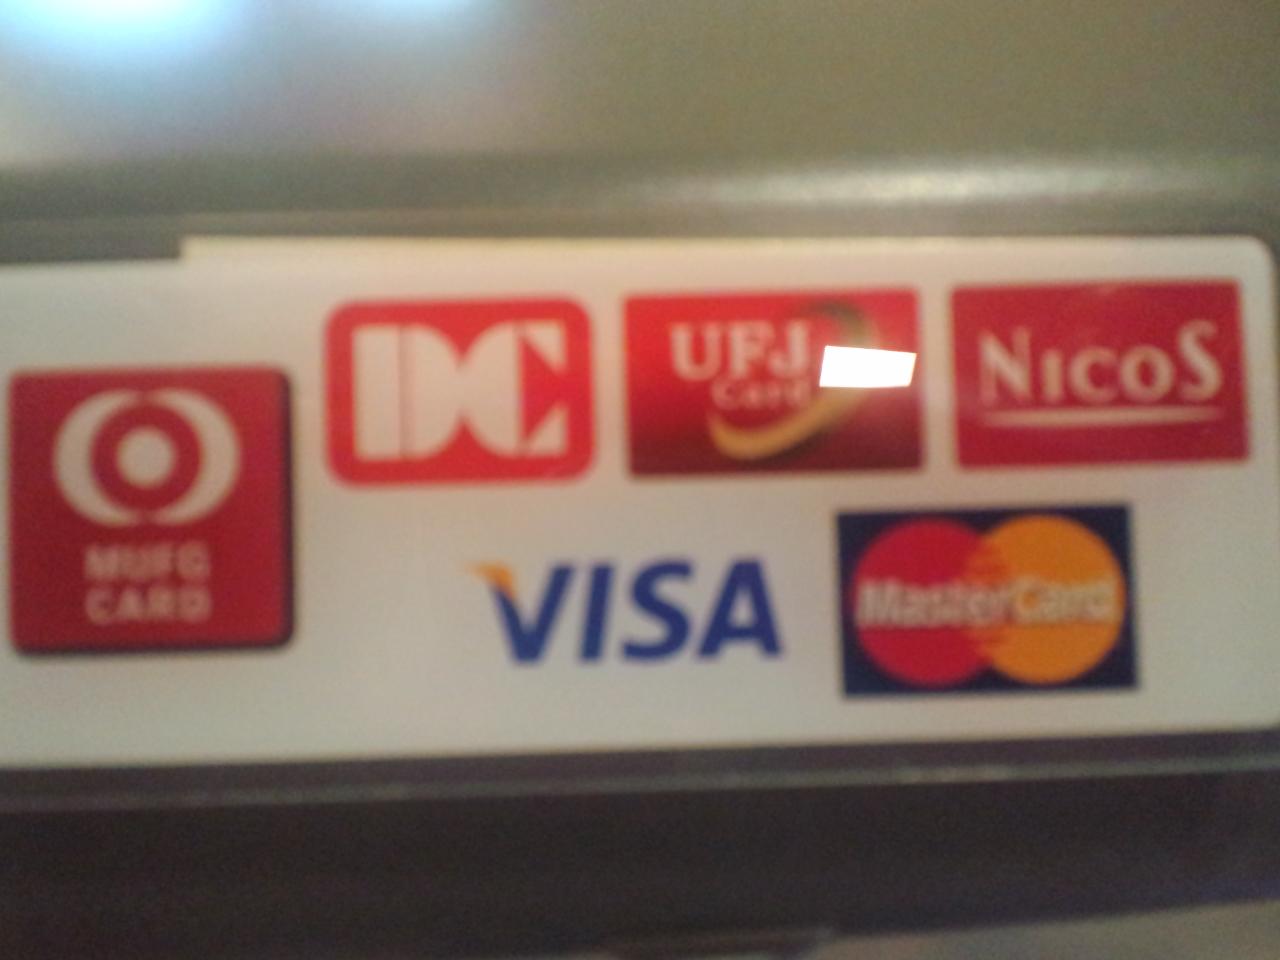 クレジットカードが使えるようになりました。